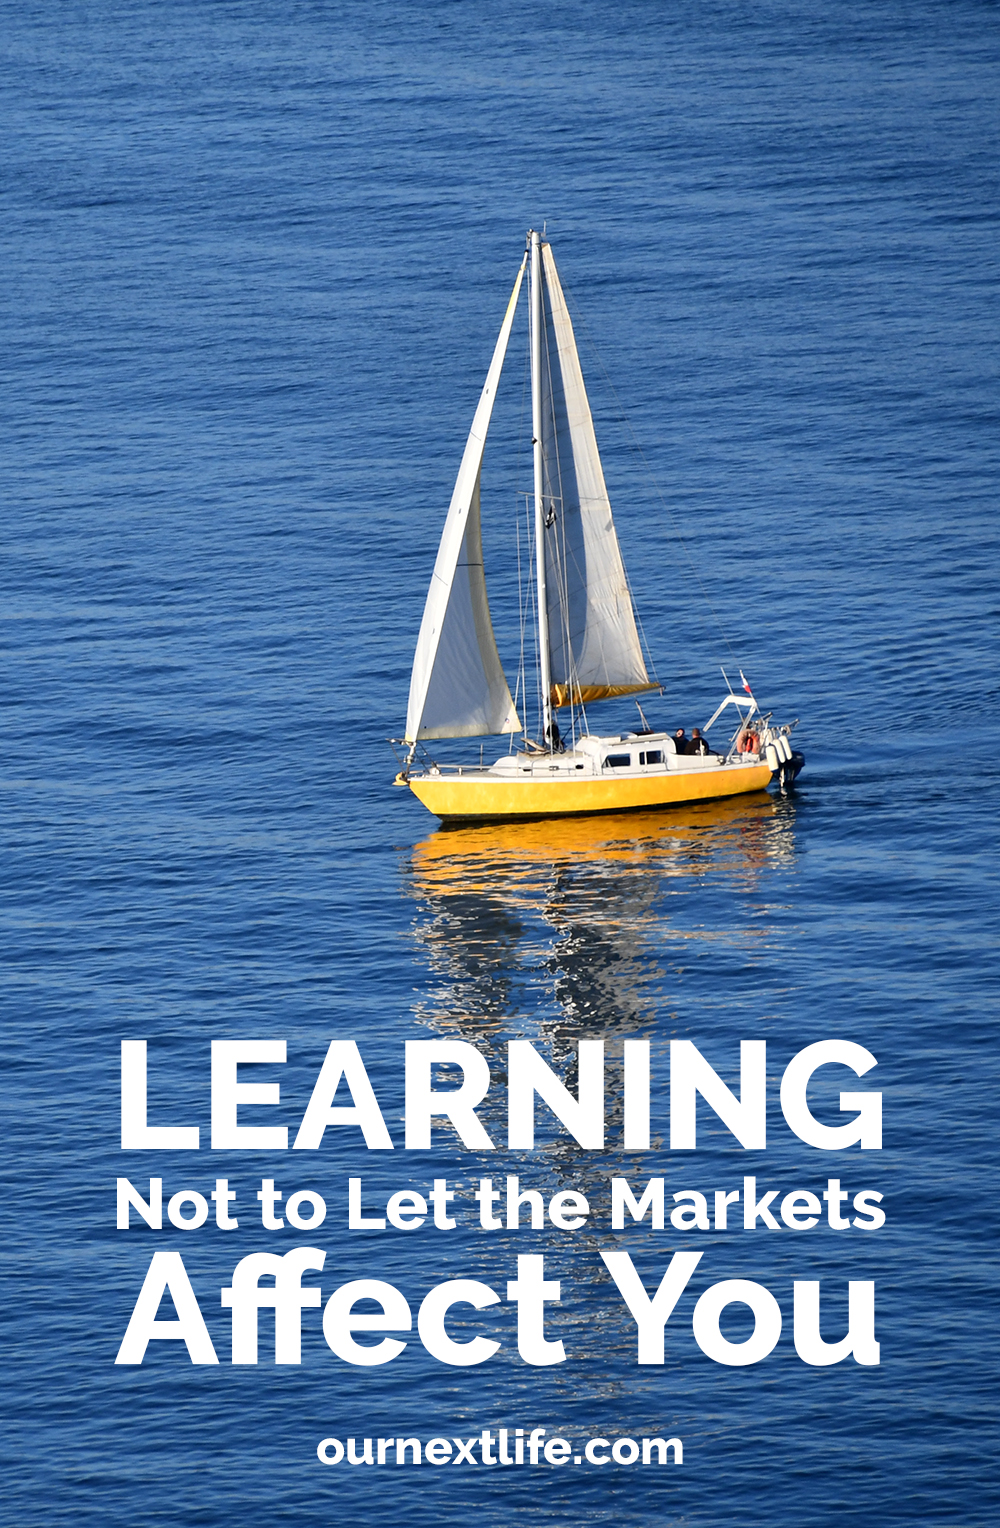 Markets-Affect-YouTão importante quanto investir consistentemente é aprender a ficar bem no aspecto mental de tudo: aprender a não deixar os mercados afetarem você. O que significa não deixar os mercados mudarem sua abordagem de investimento, por exemplo, convencendo-os a não investir em dinheiro por um tempo, porque os mercados parecem muito altos (isso é o timing dos mercados e raramente dá certo) e não deixar os mercados estressem você, o que é tão importante.